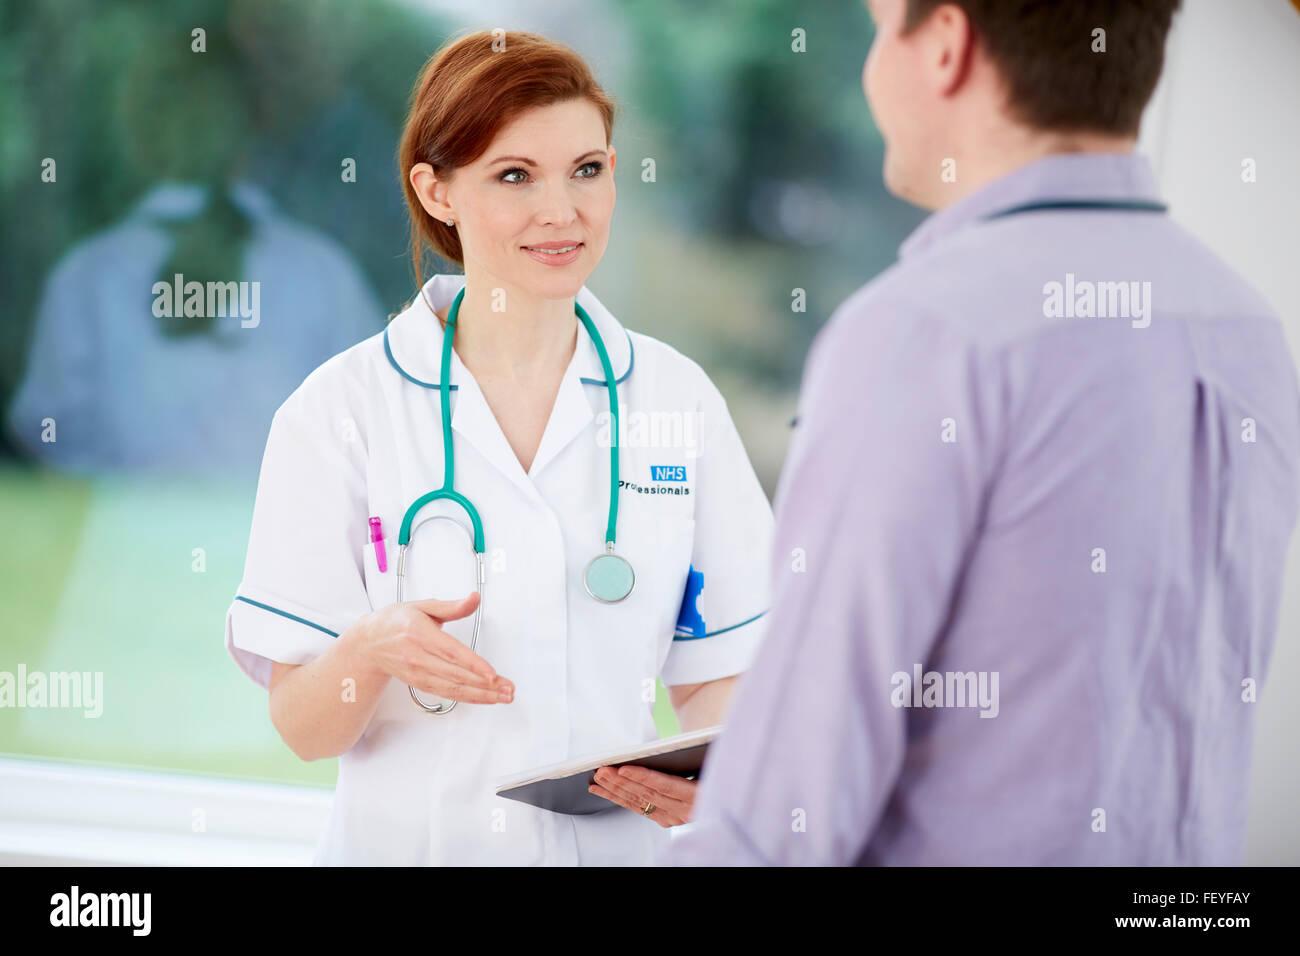 Arzt und Krankenschwester diskutieren Notizen Stockbild